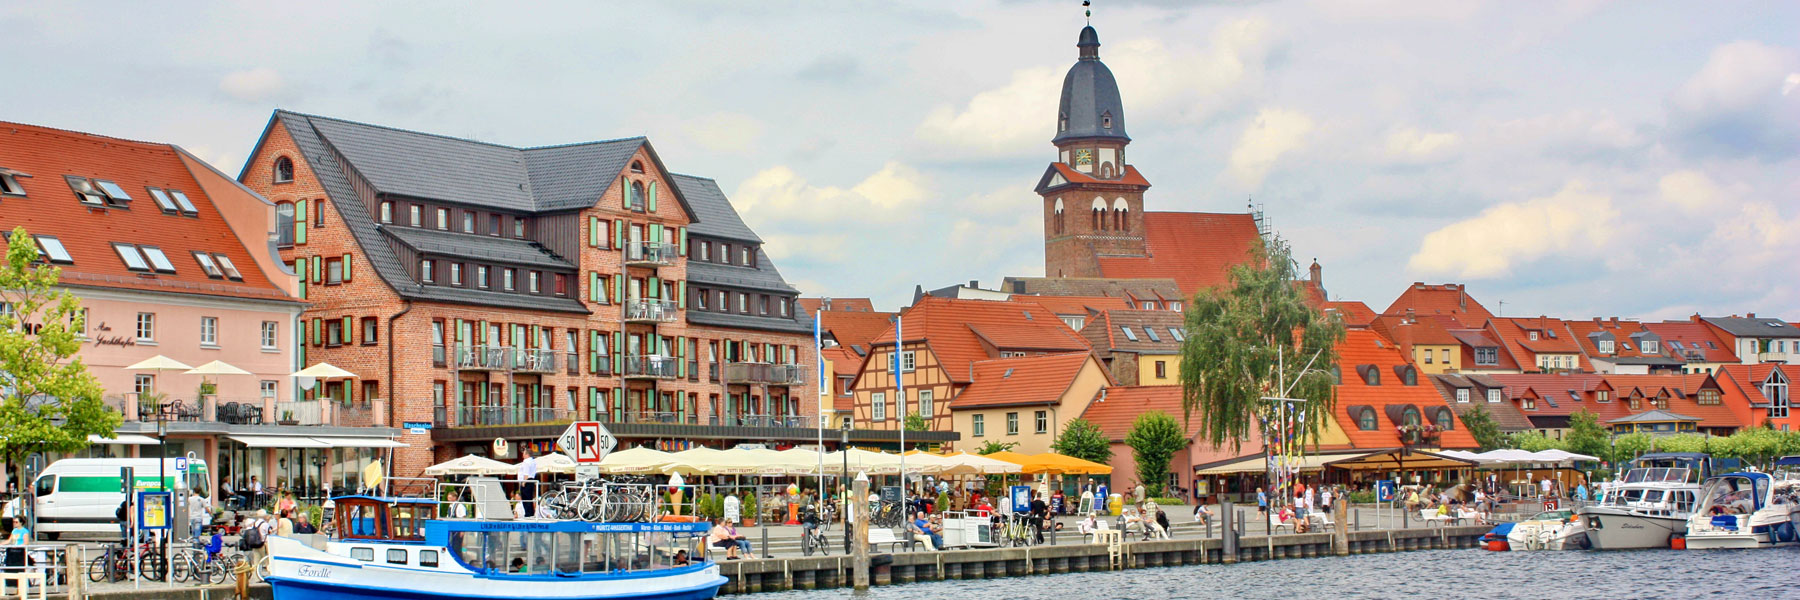 Hafen - Stadtappartements Waren